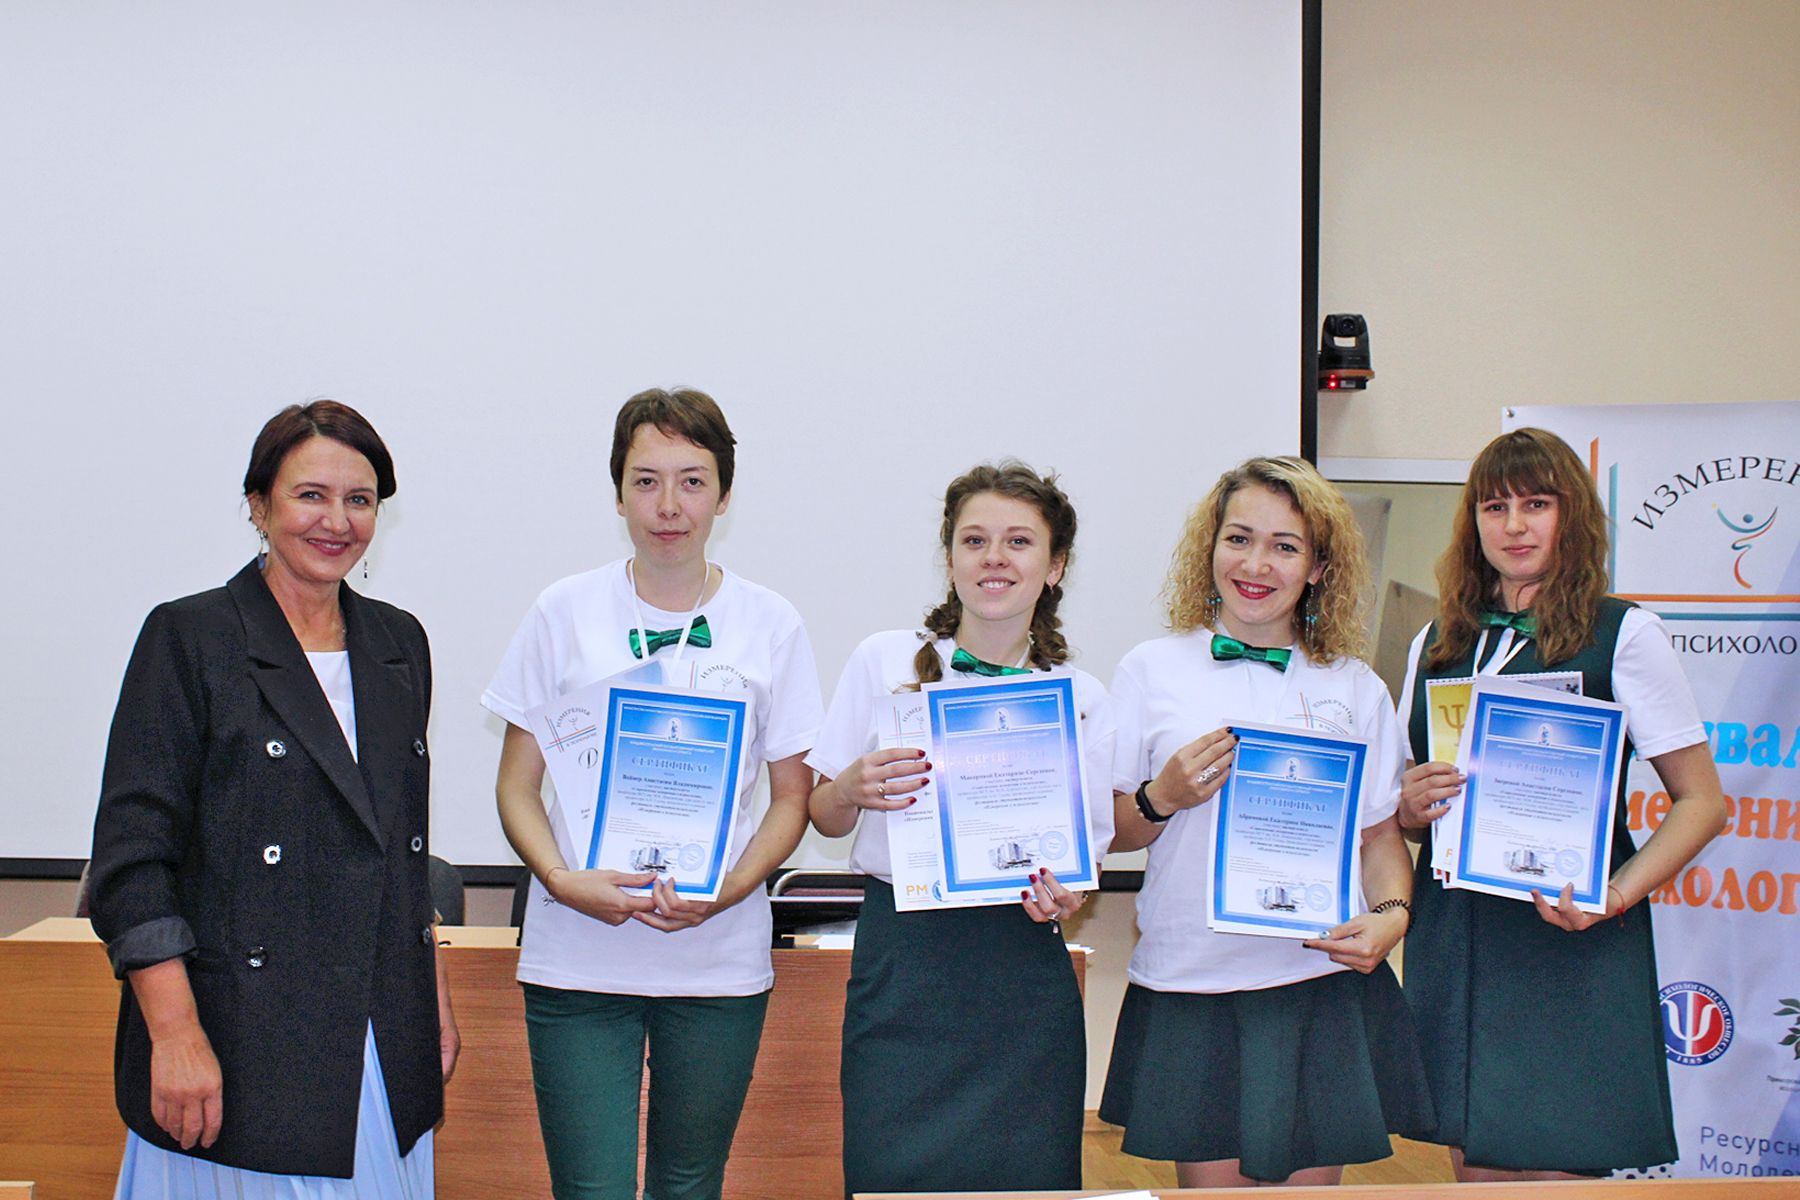 Подведены итоги юбилейного V Всероссийского фестиваля «Измерения в психологии» во ВГУЭС